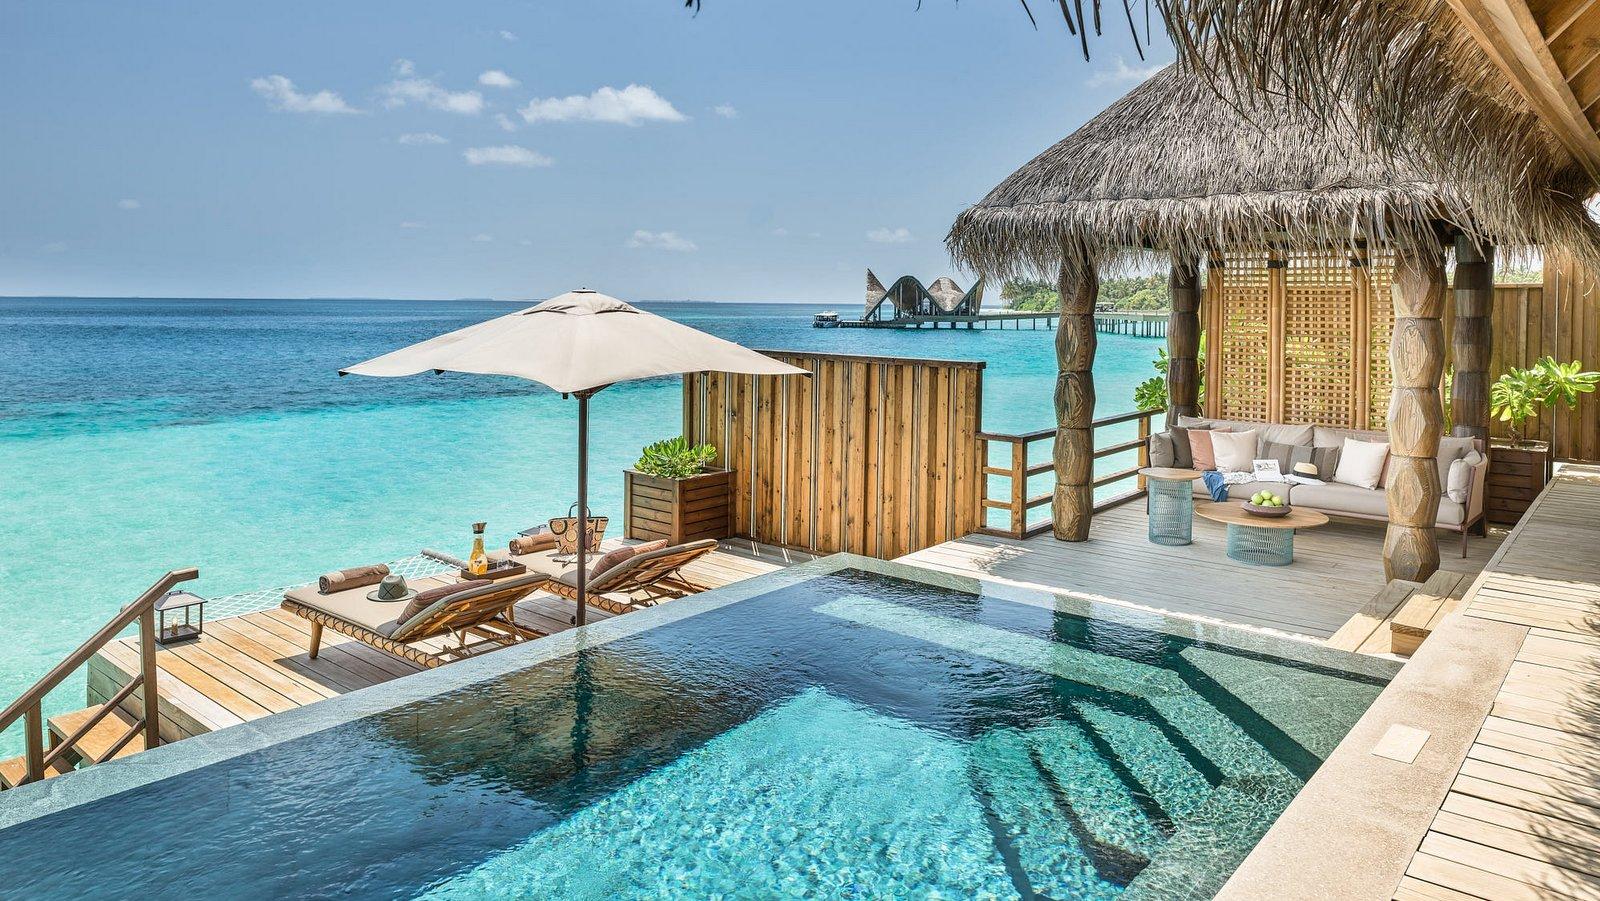 Мальдивы, отель Joali Maldives, номер Water Villa with Pool